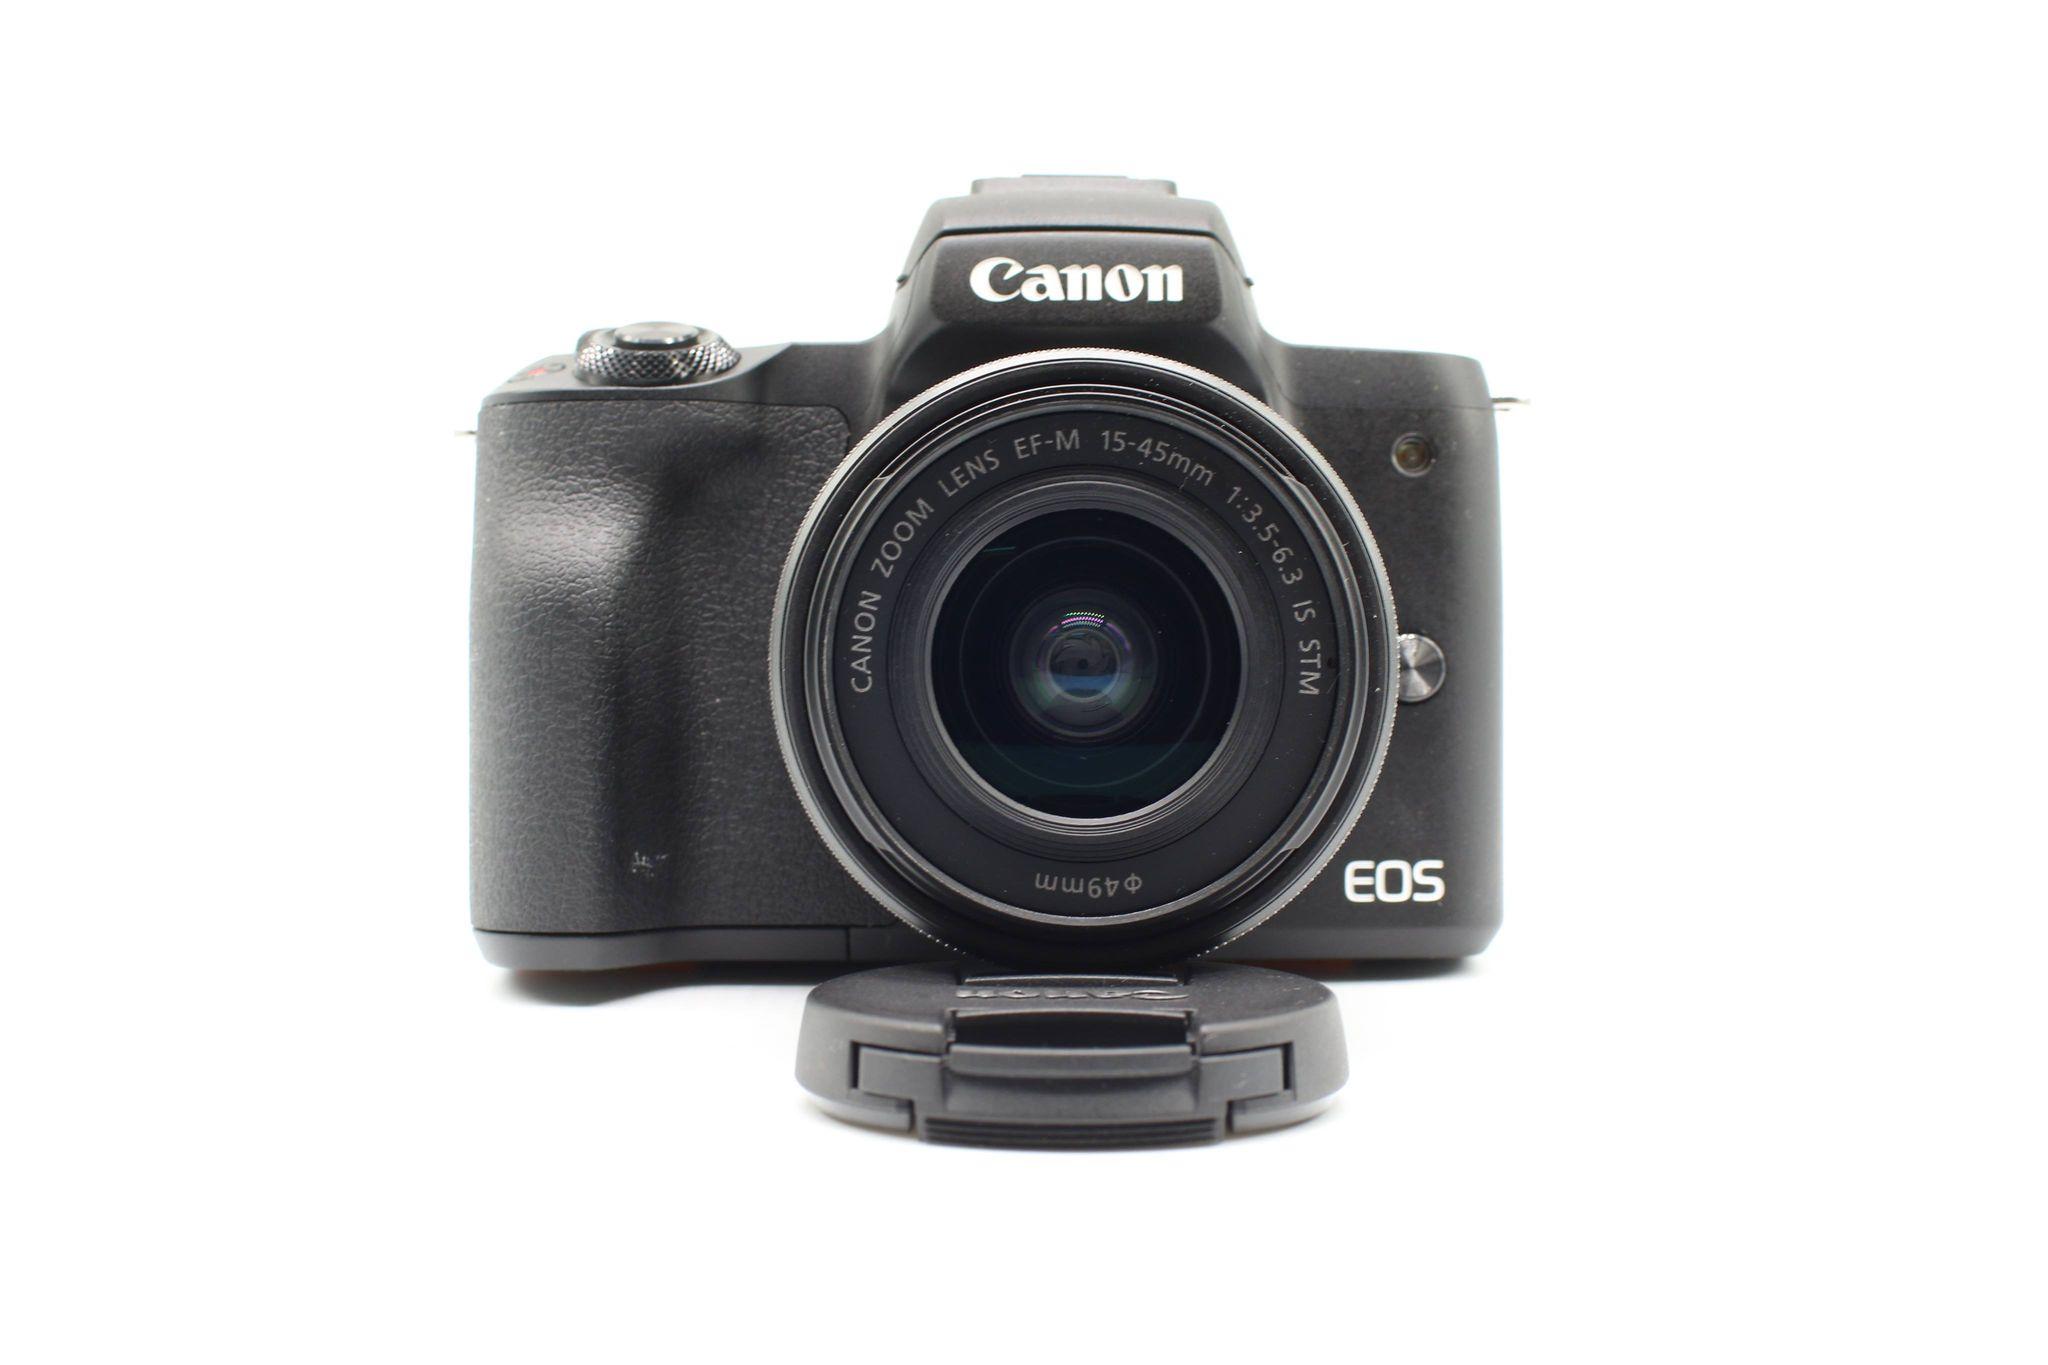 Máy ảnh Canon EOS M50 + Lens 15-45mm, Mới 98%